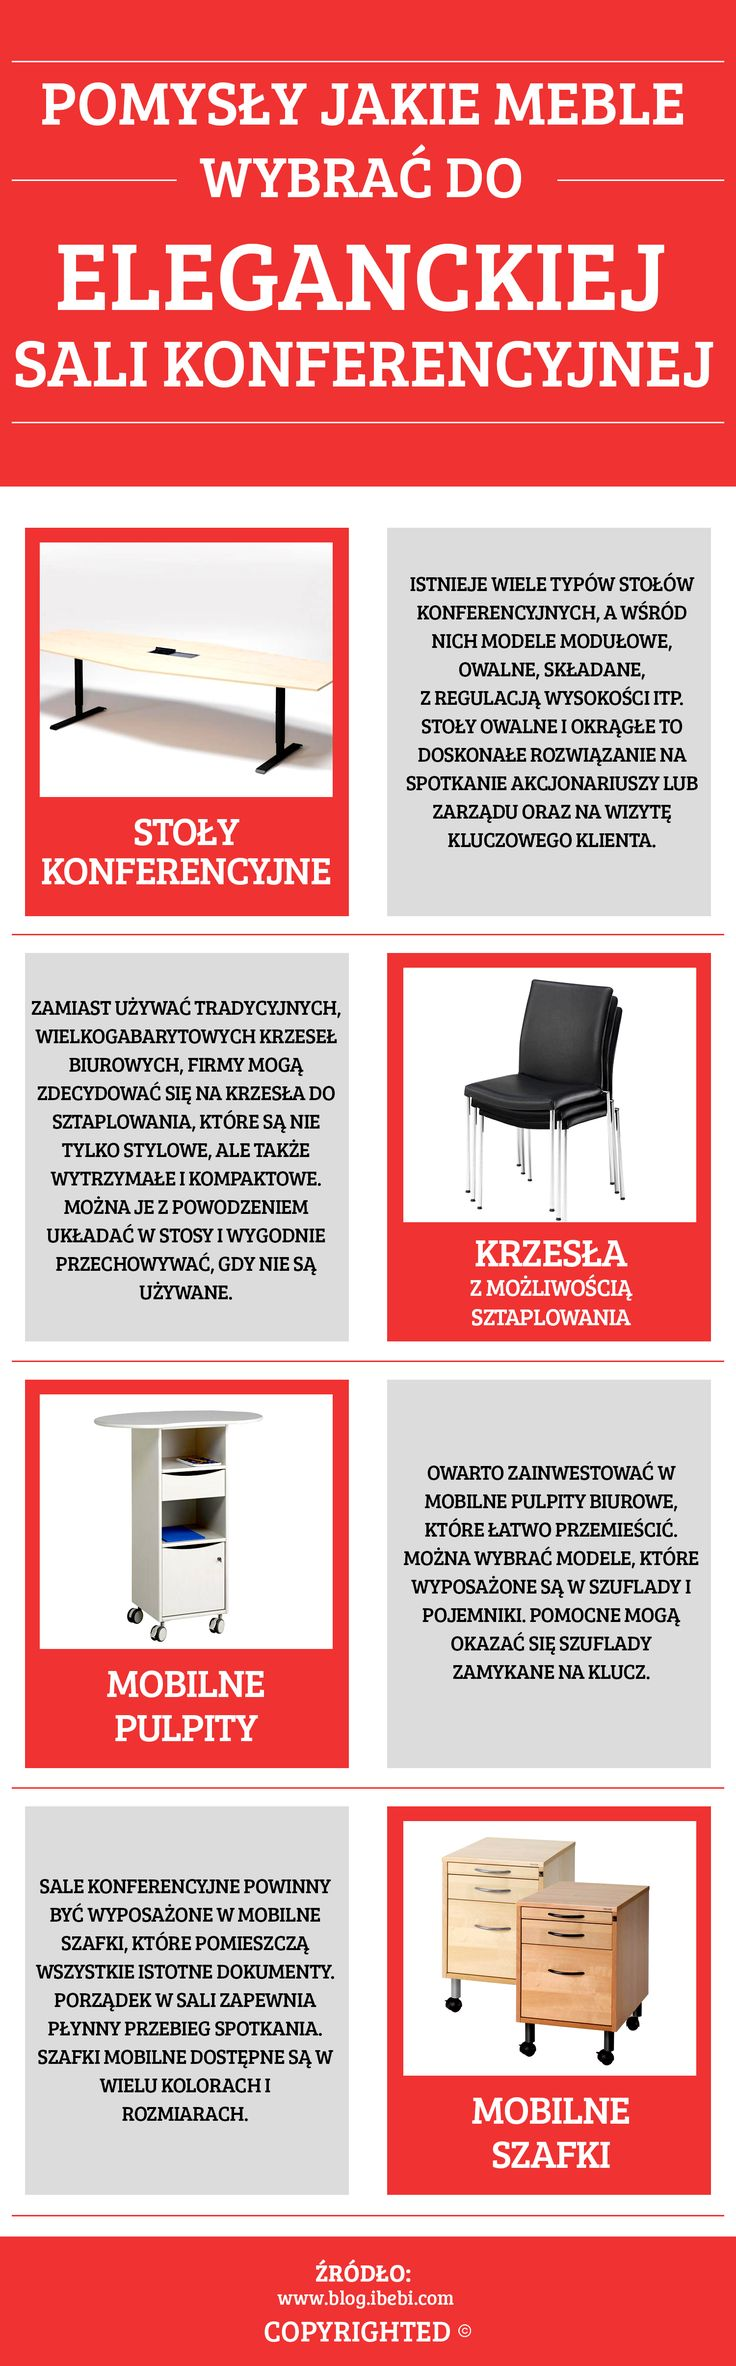 Nowoczesne sale spotkań zajmują miejsce tradycyjnych sal konferencyjnych. Te nowoczesne zawierają meble takie jak mobilne pulpity, krzesła z możliwością sztaplowania oraz owalne i składane stoły.